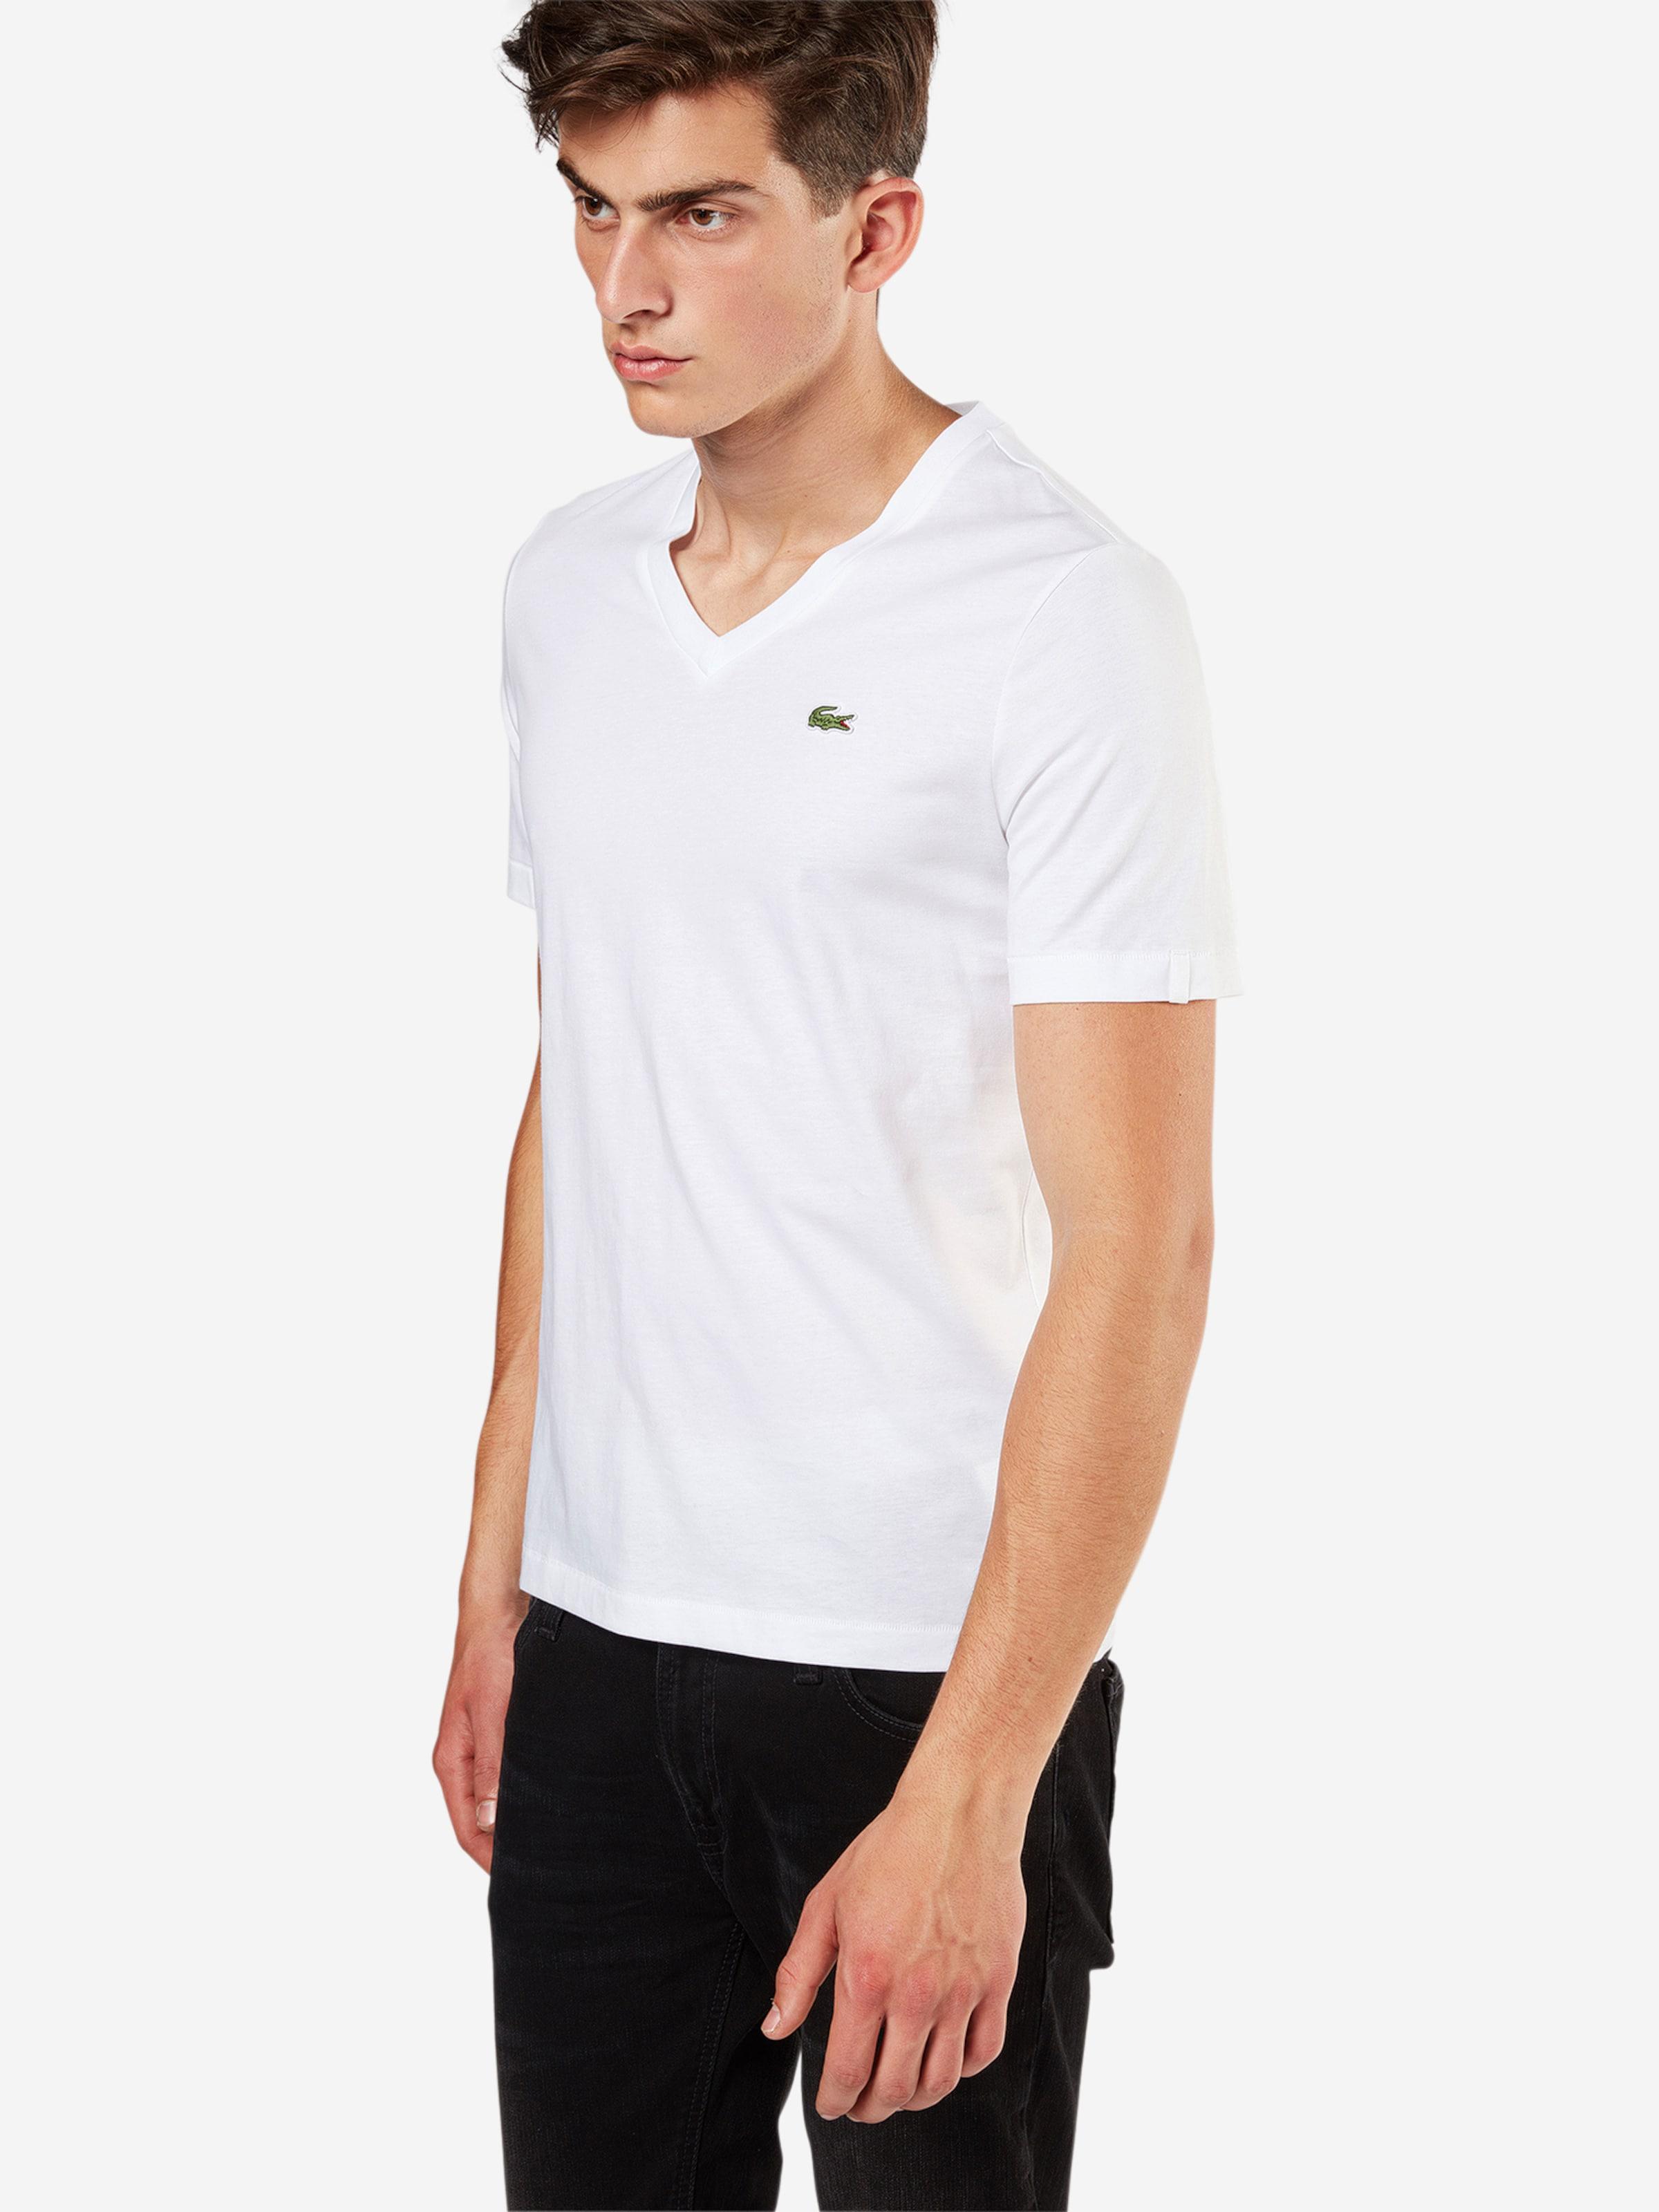 Limited Edition Online Lacoste LIVE T-Shirt Online-Shopping Mit Mastercard Mit Paypal Billig Verkauf Großer Verkauf Zum Verkauf Preiswerten Realen XKRoTOb